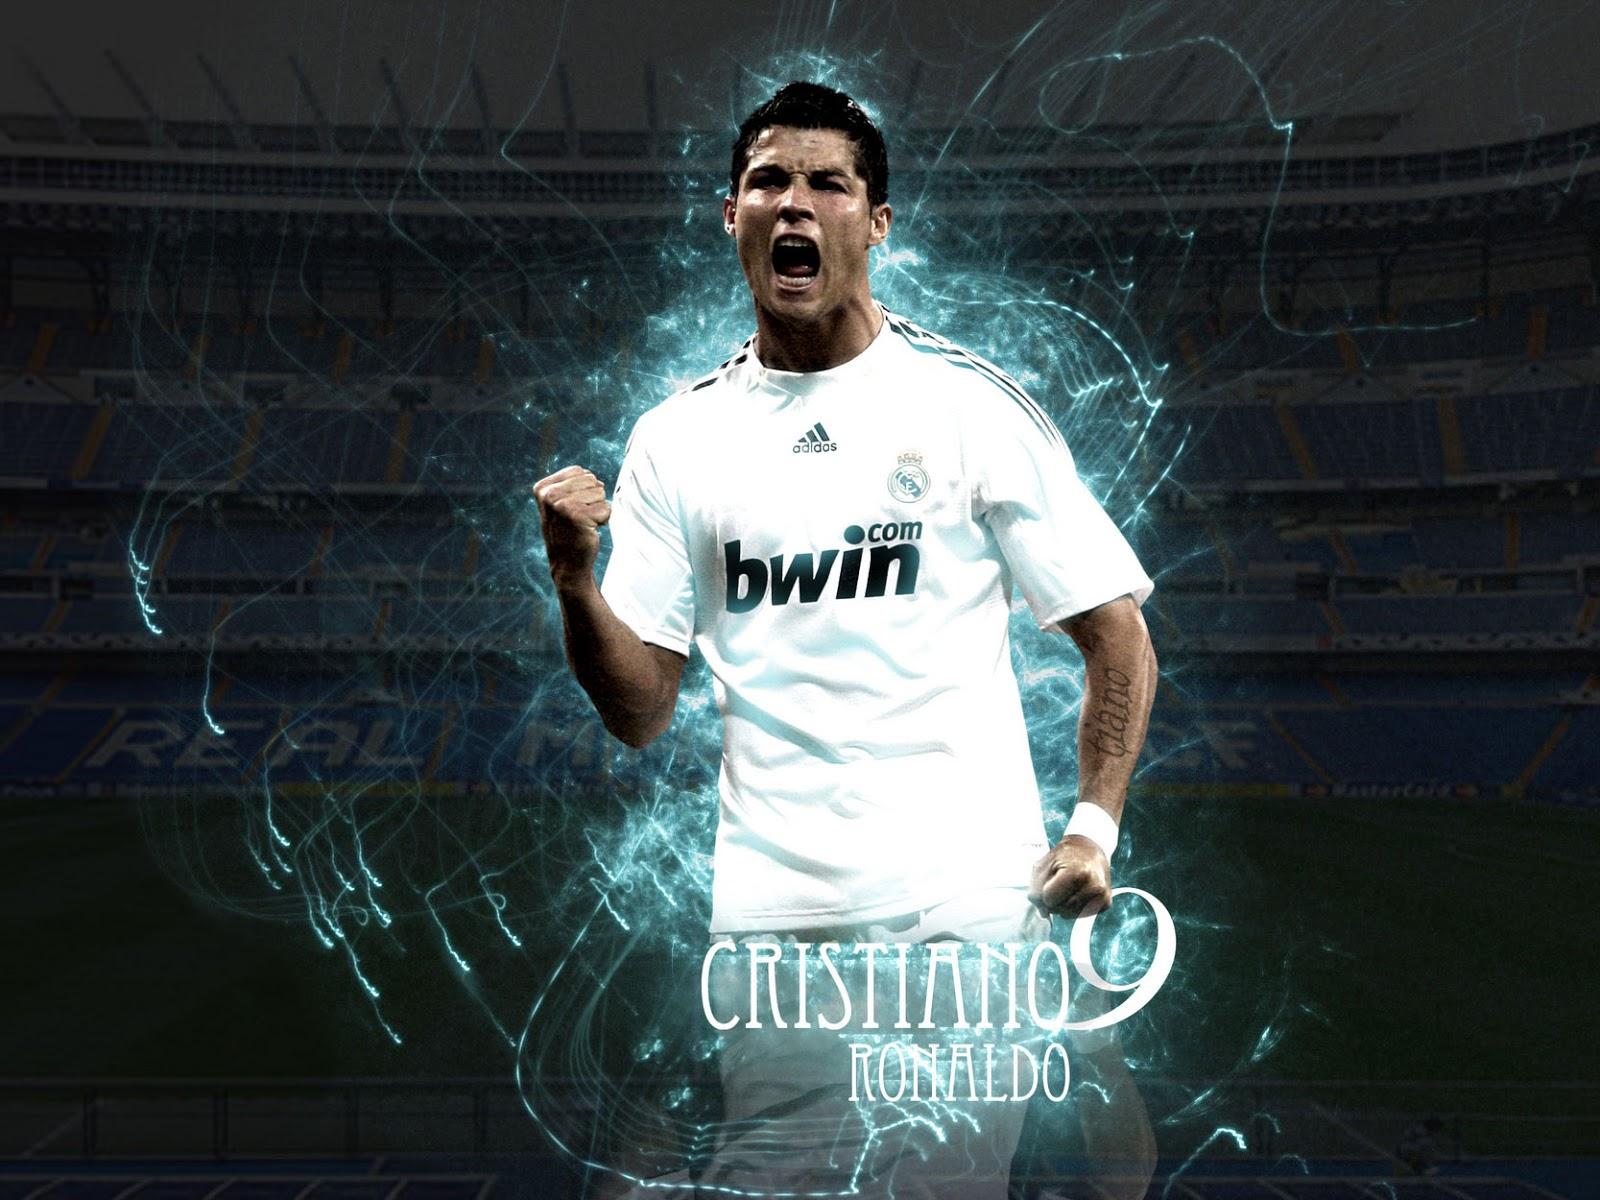 Cristiano Ronaldo Descargar Wallpapers fondo de escritorio HD 1600x1200